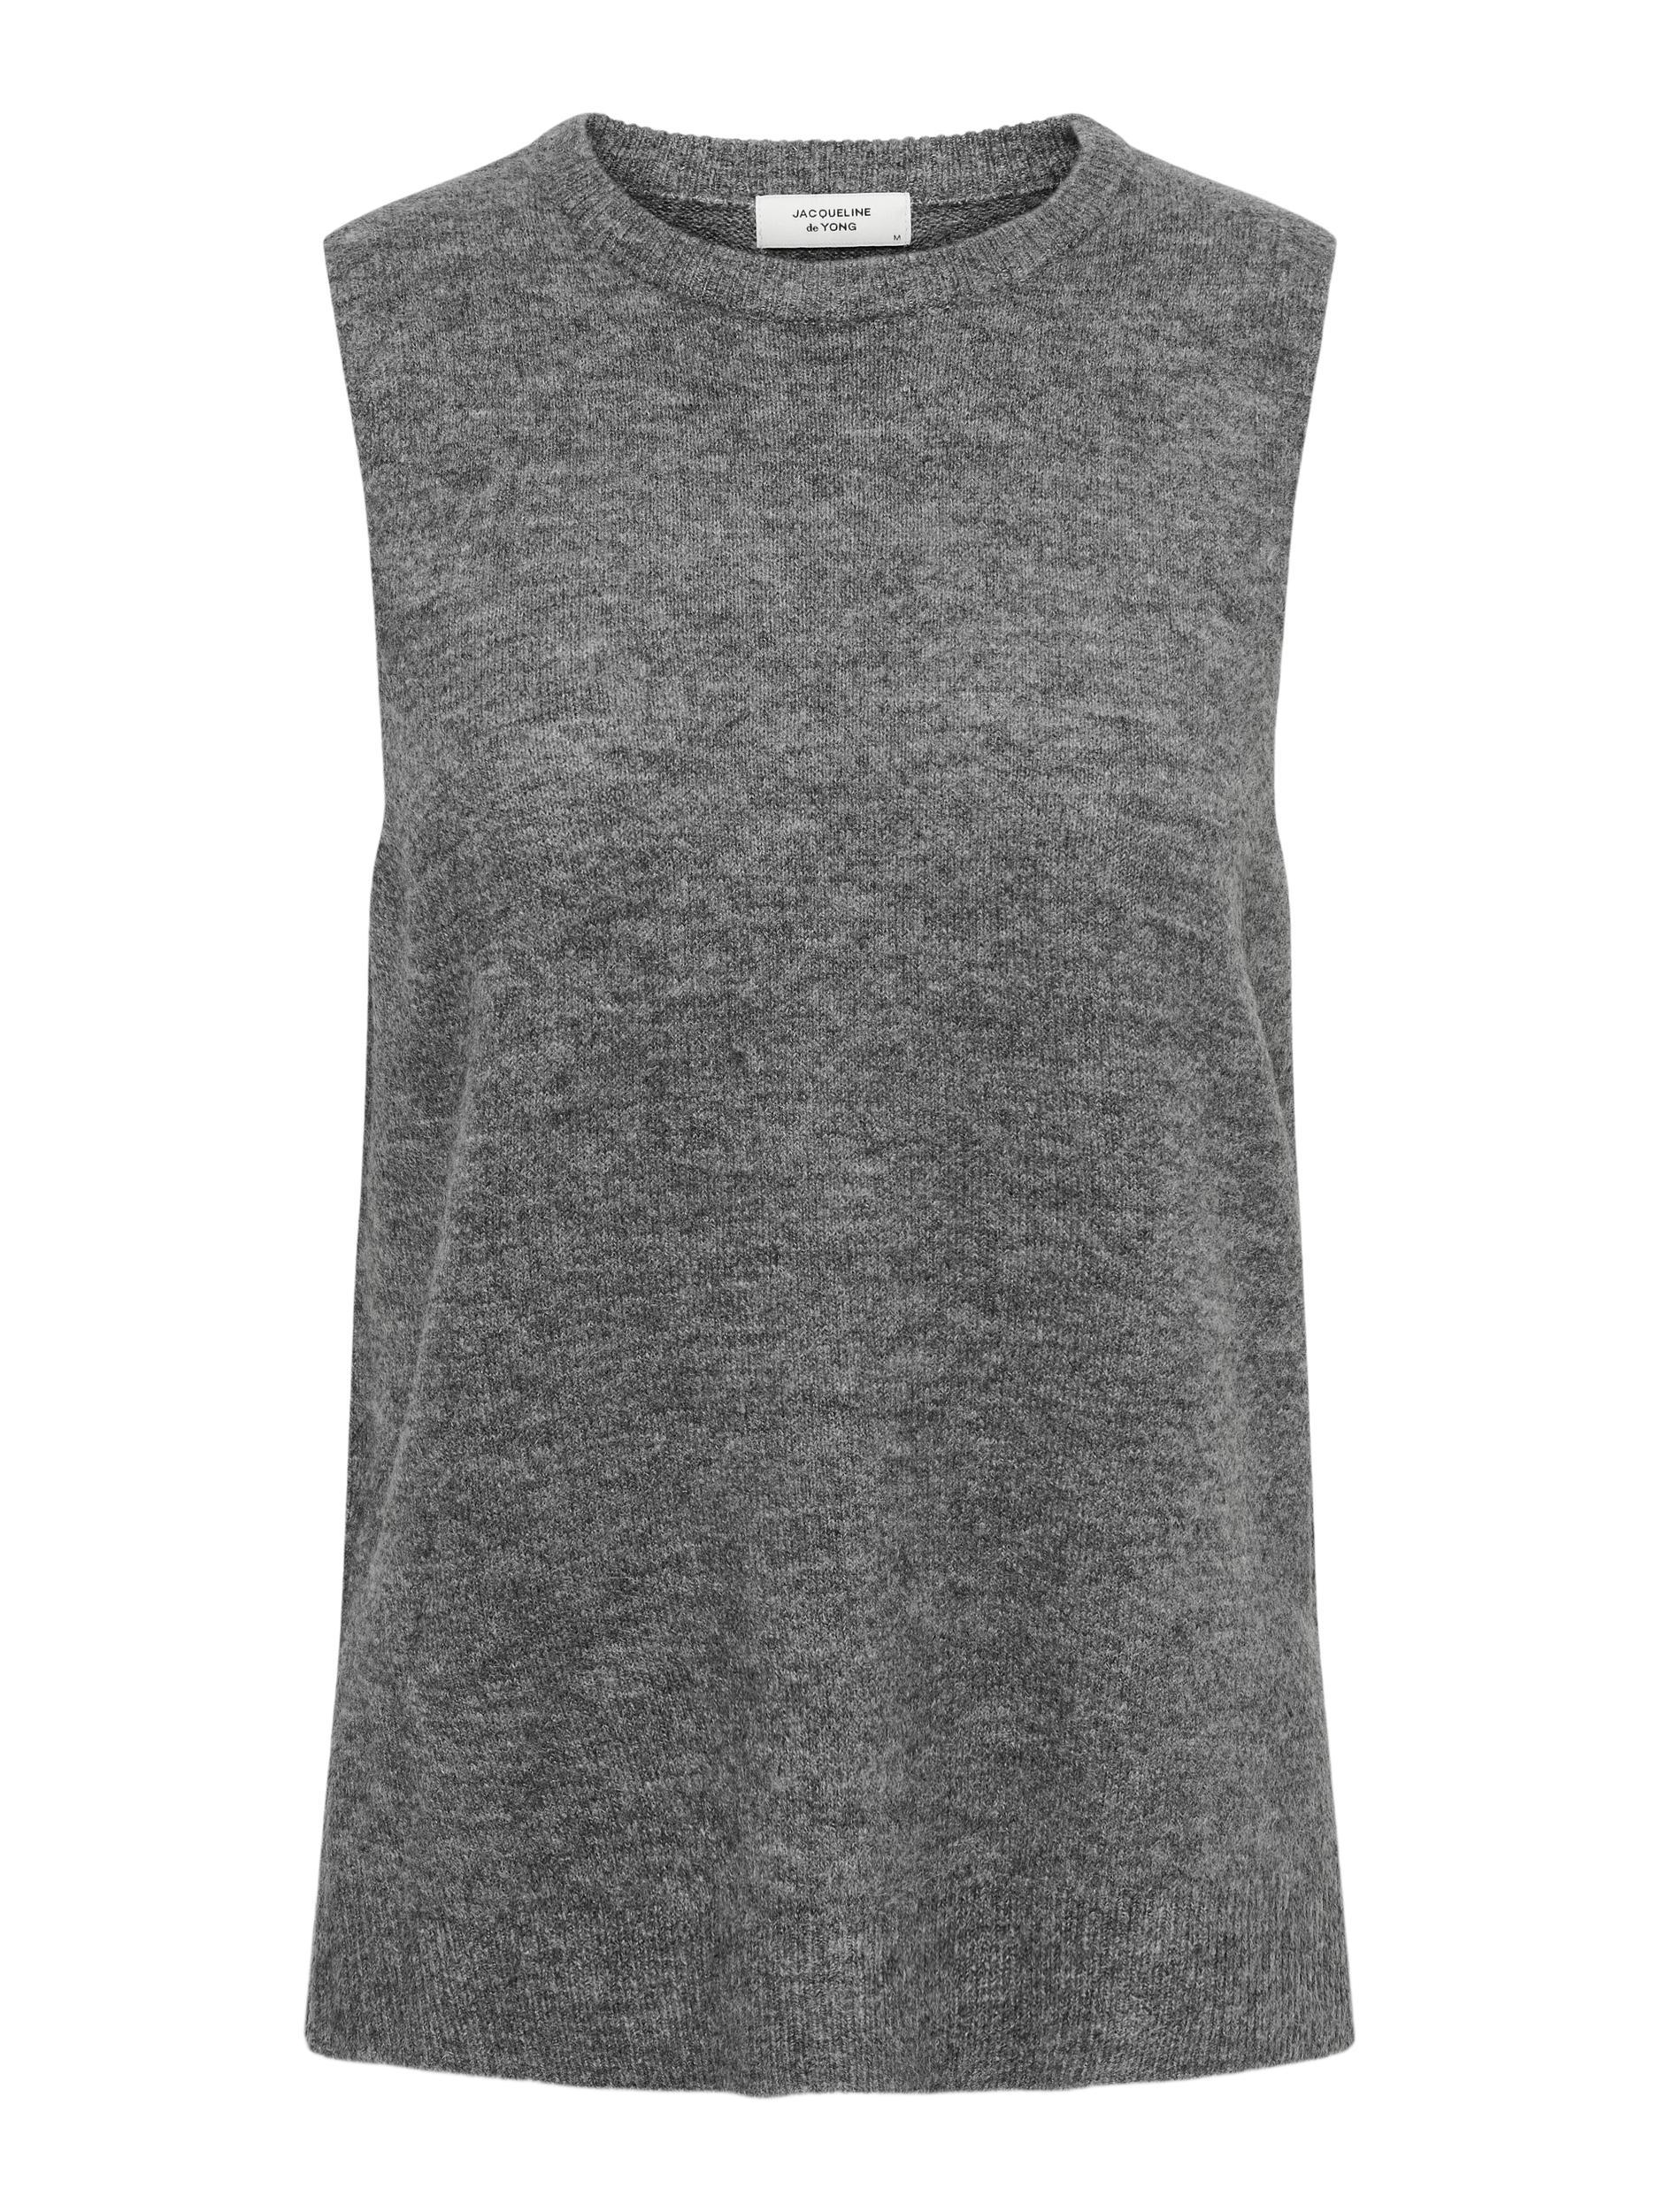 Jacqueline de Yong Elanor strikvest, dark grey melange, large